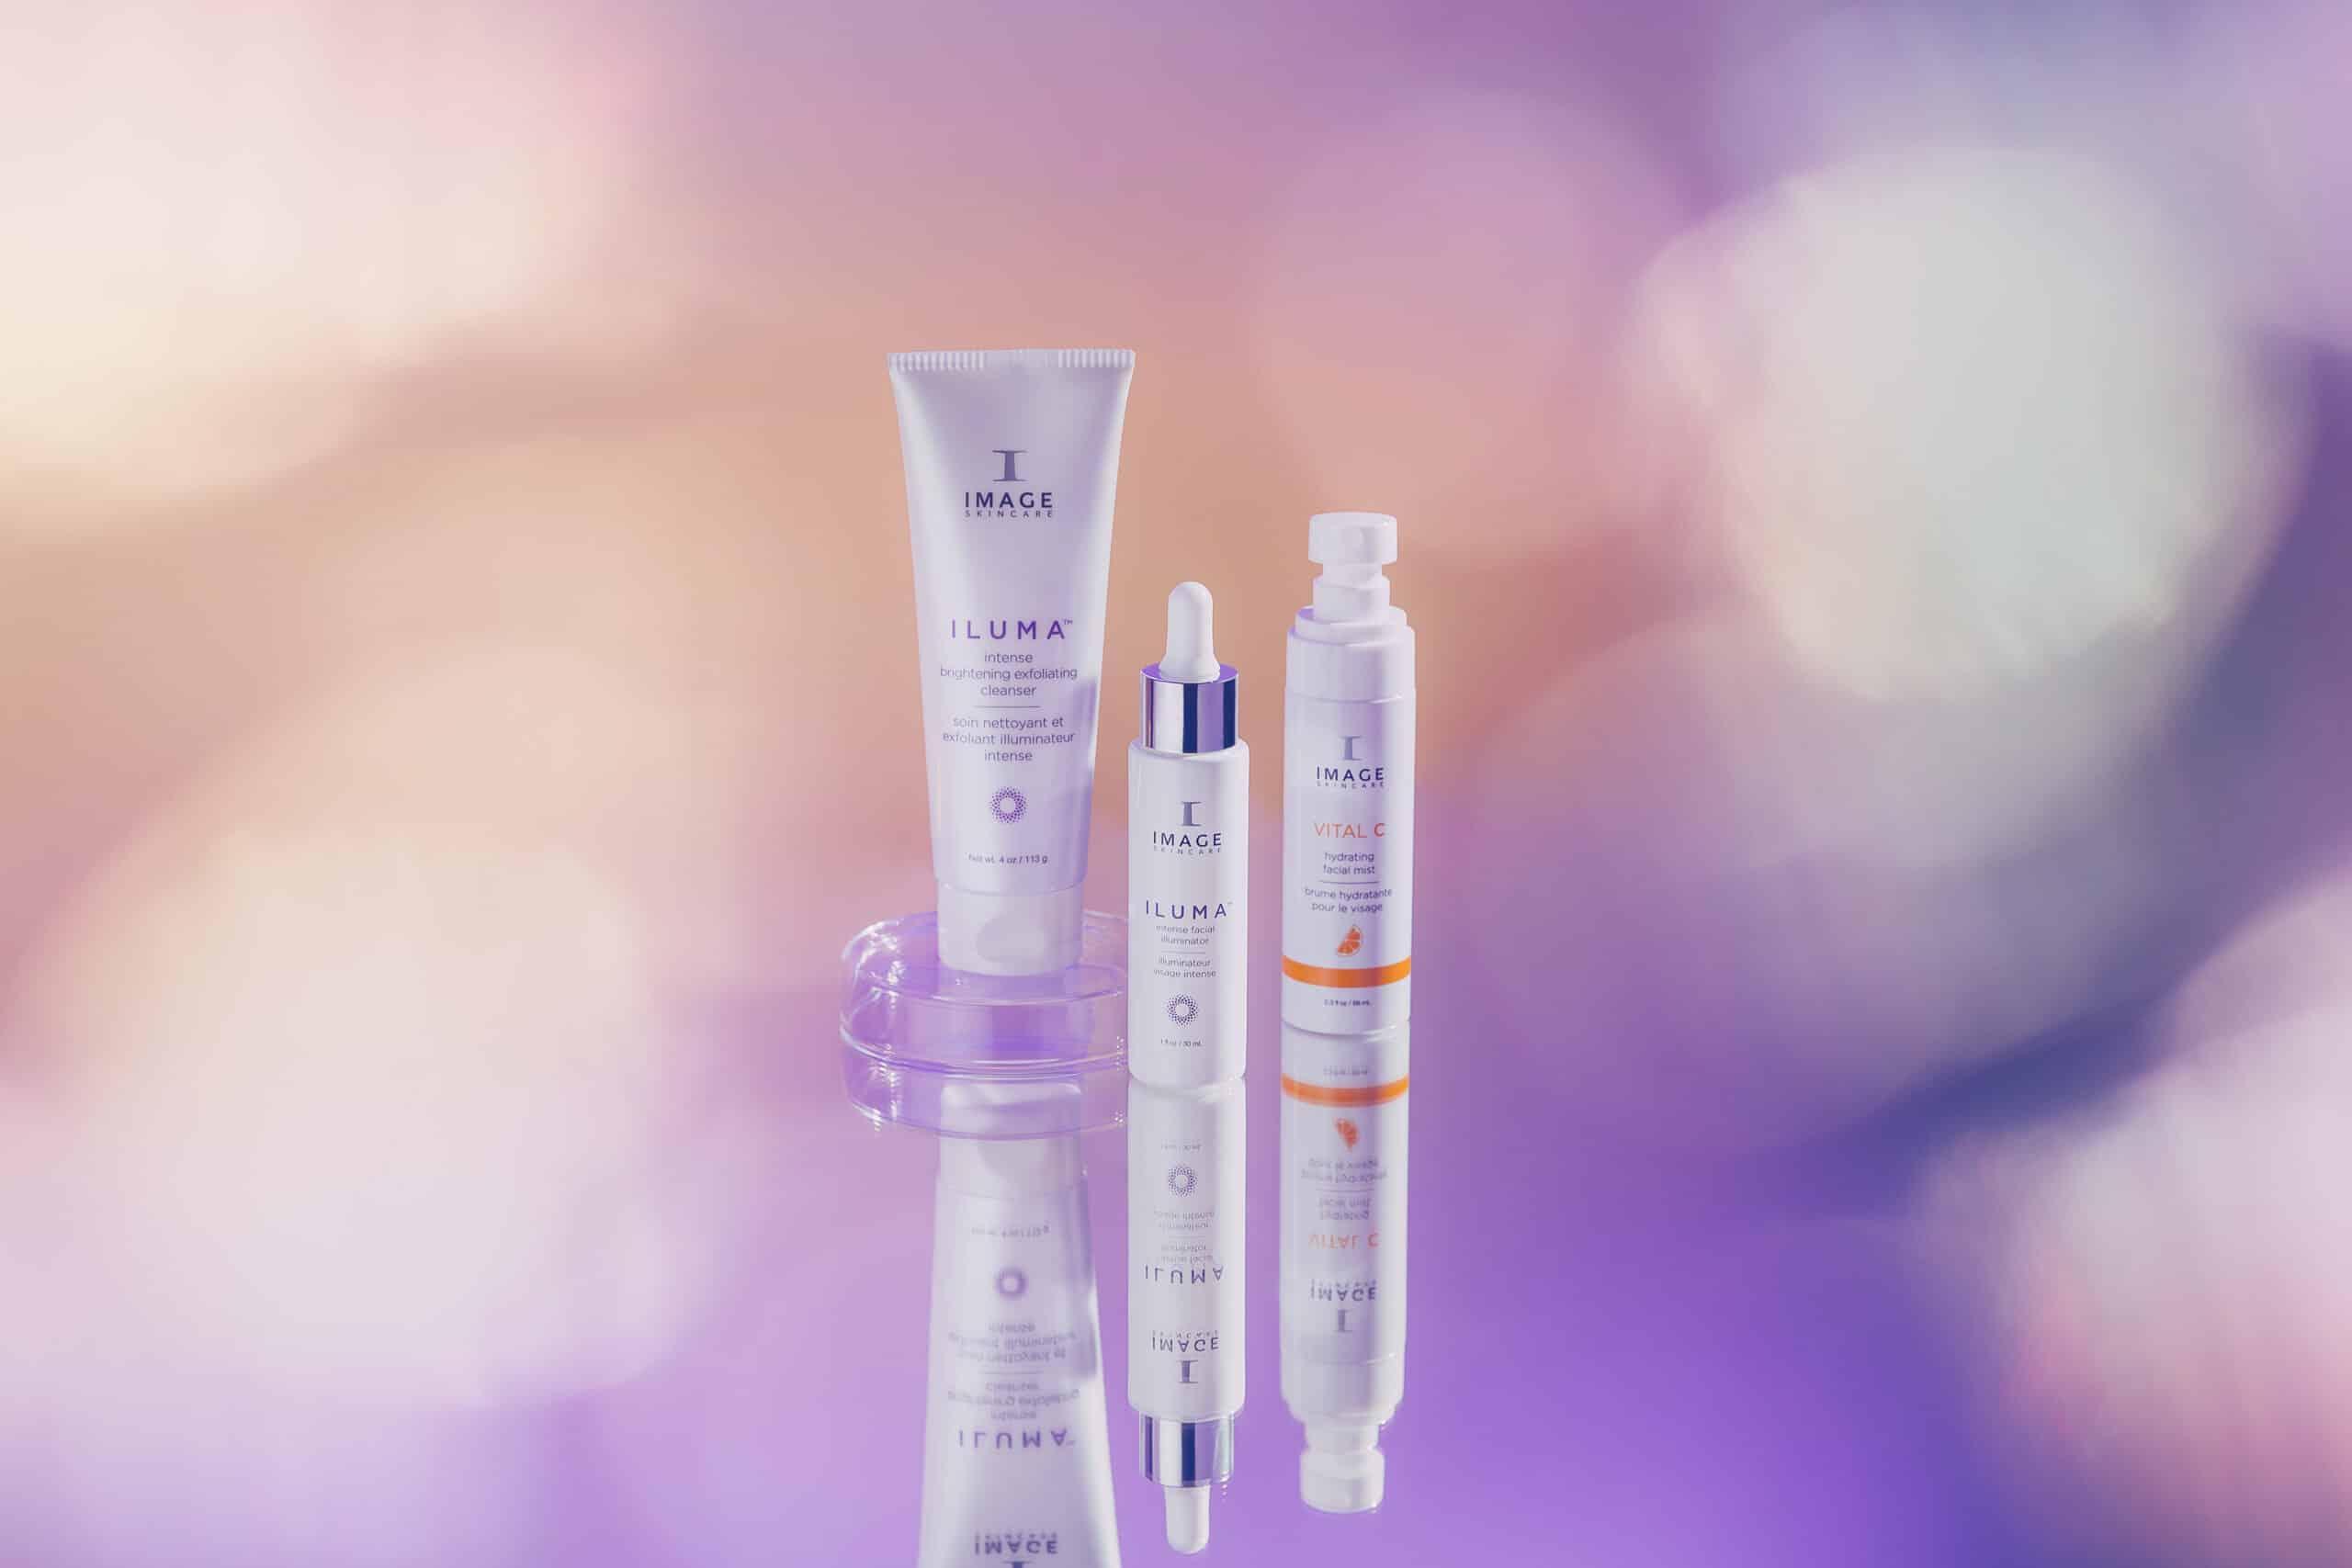 Nowości 2021 już dostępne! Poznaj nowe produkty od IMAGE Skincare